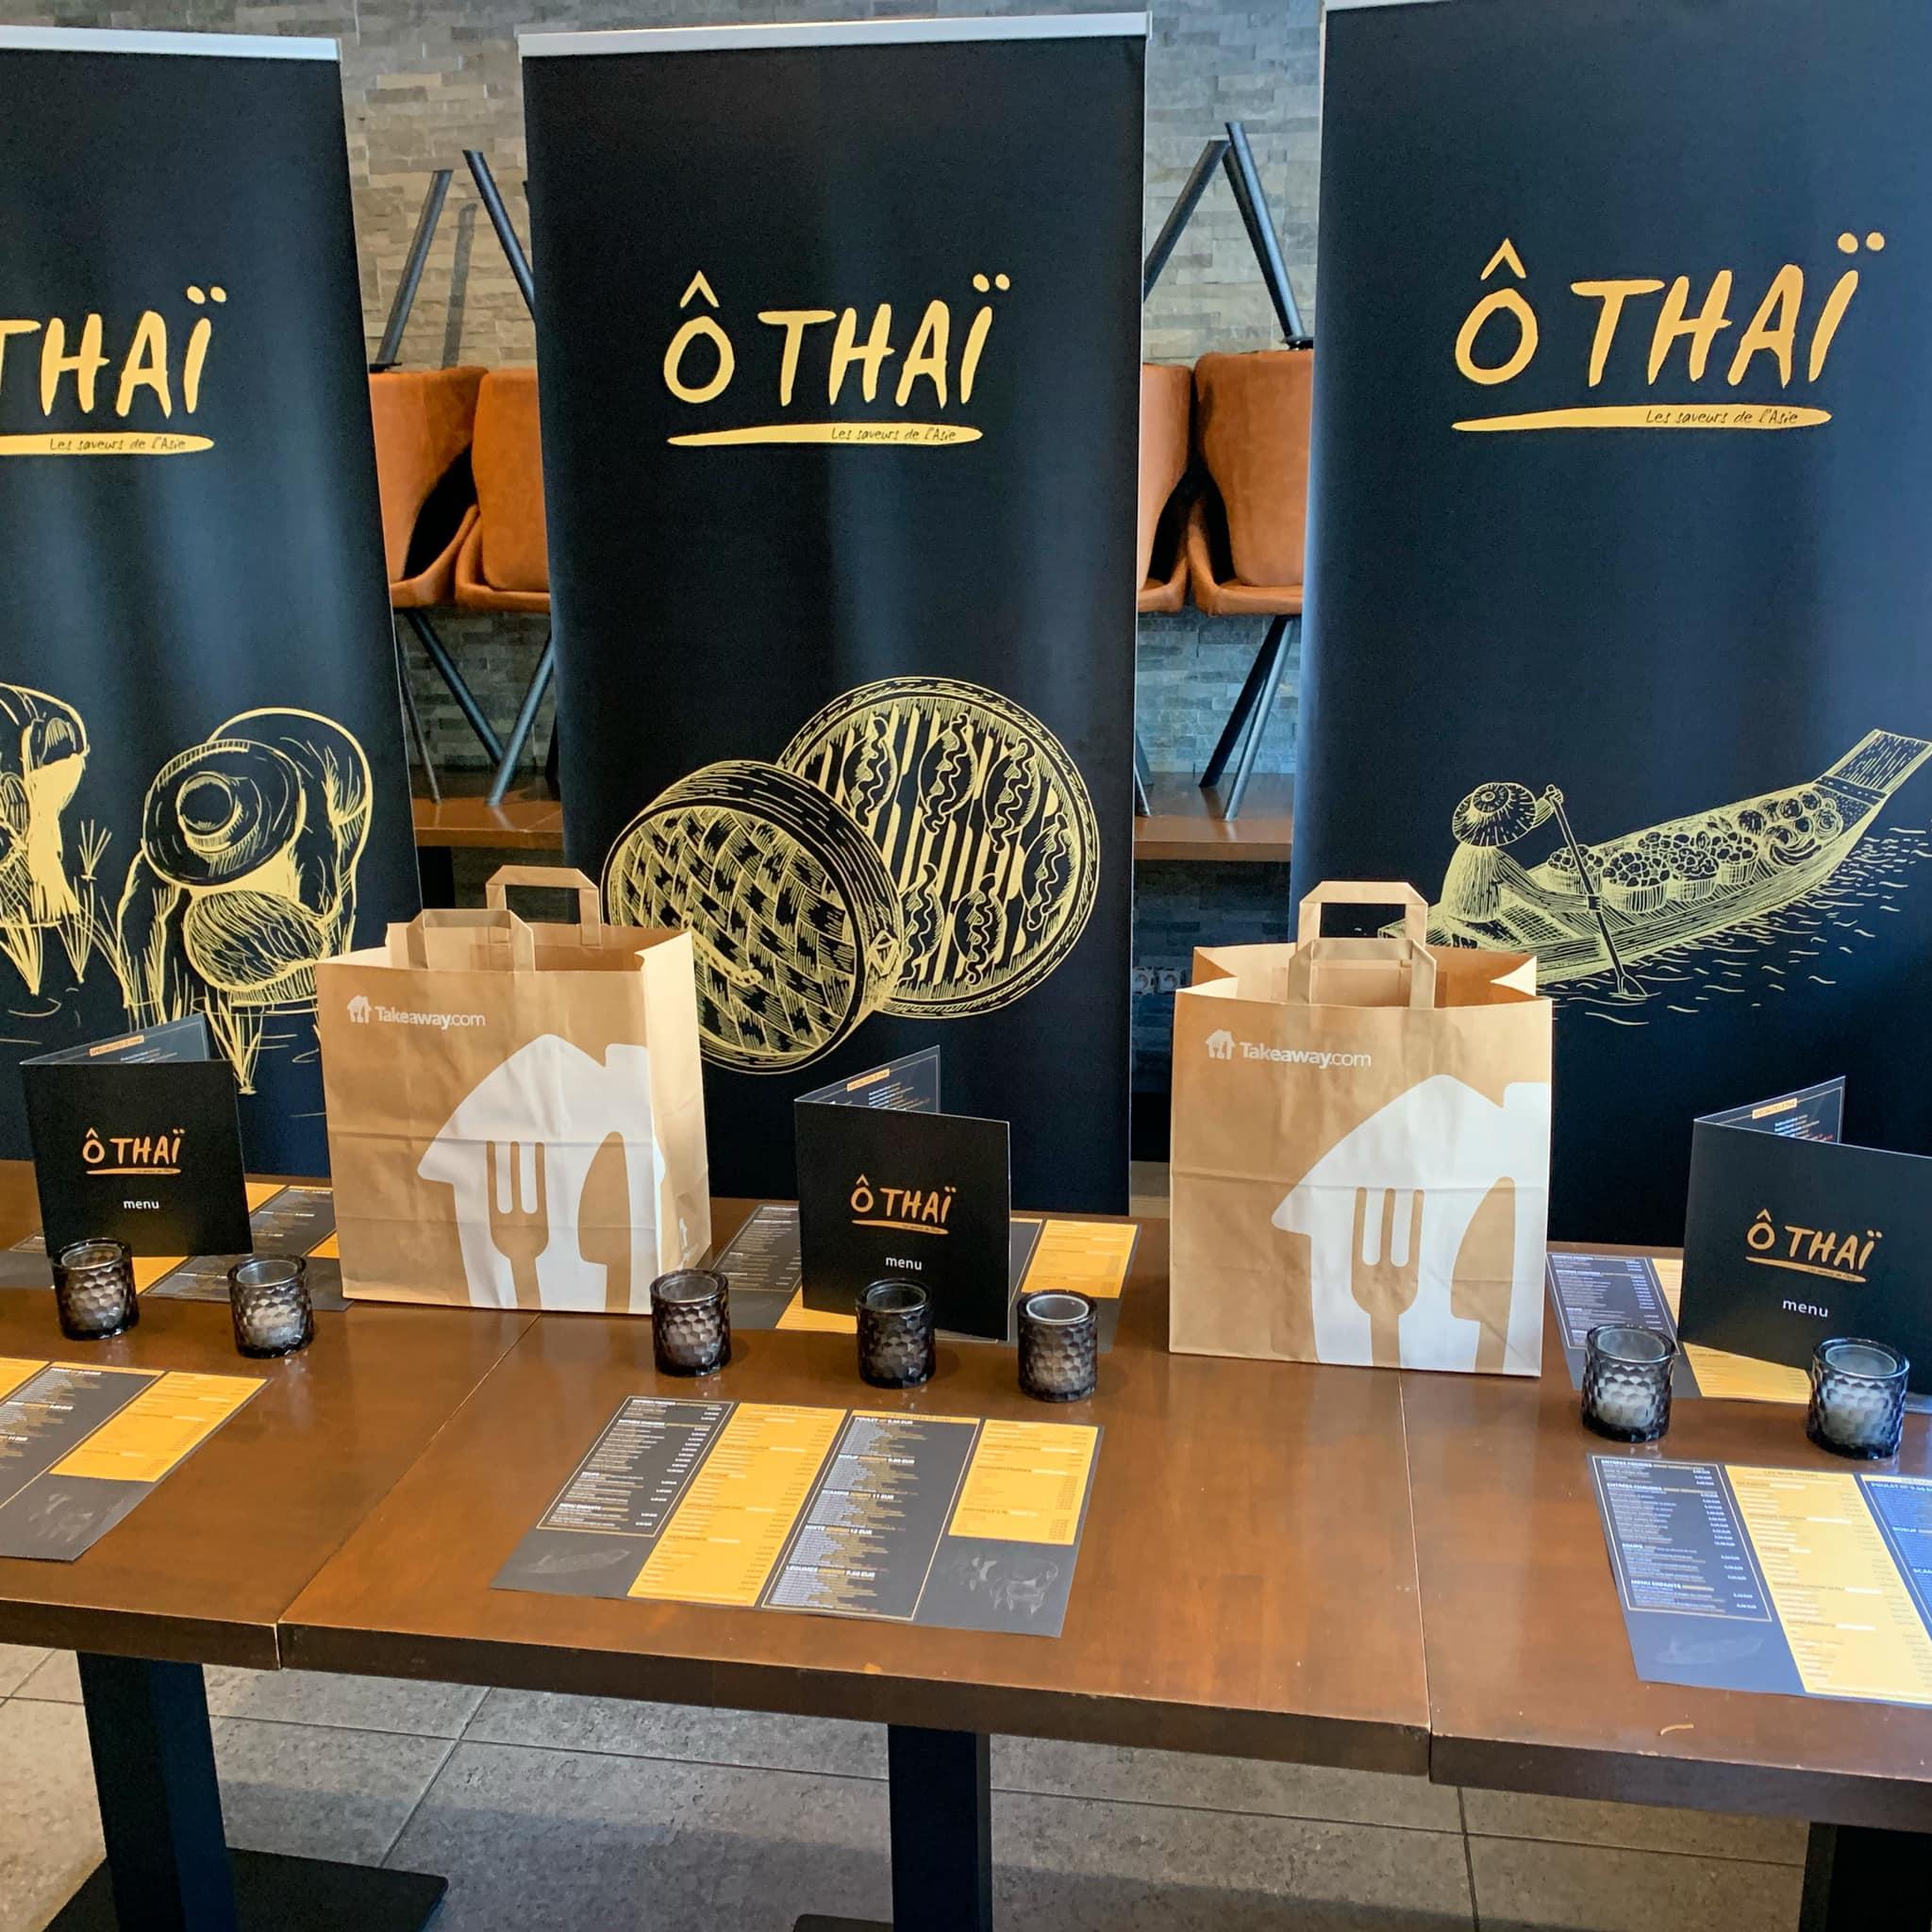 Promo spéciale du restaurant Ô Thaï !